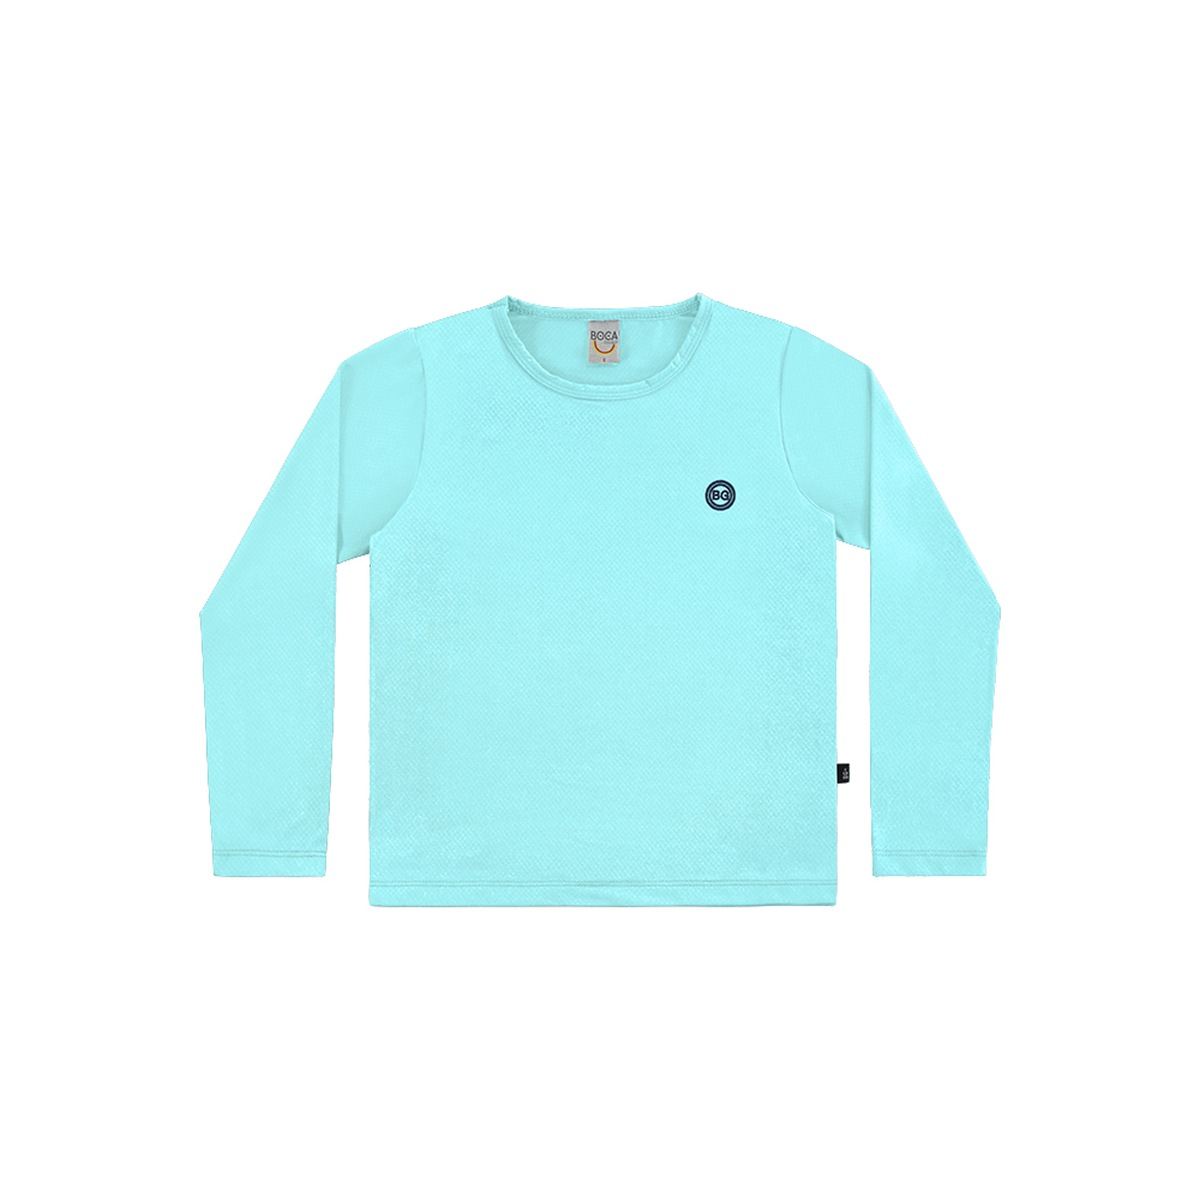 Camiseta Unissex com Proteção UV - Azul